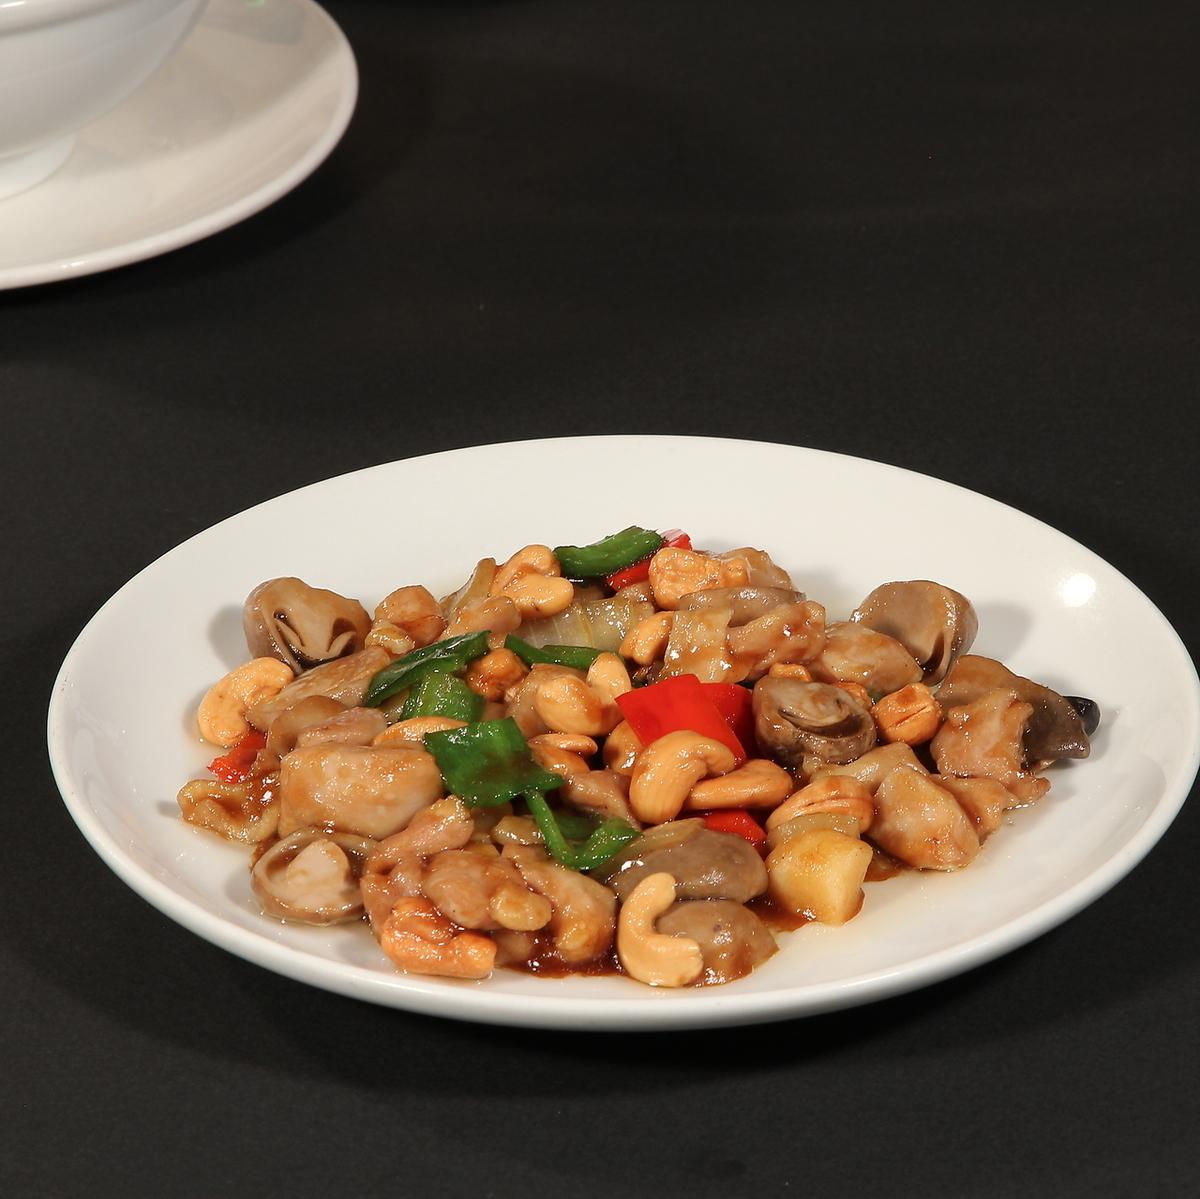 炒蚝鸡和腰果/蚝油炒牛肉